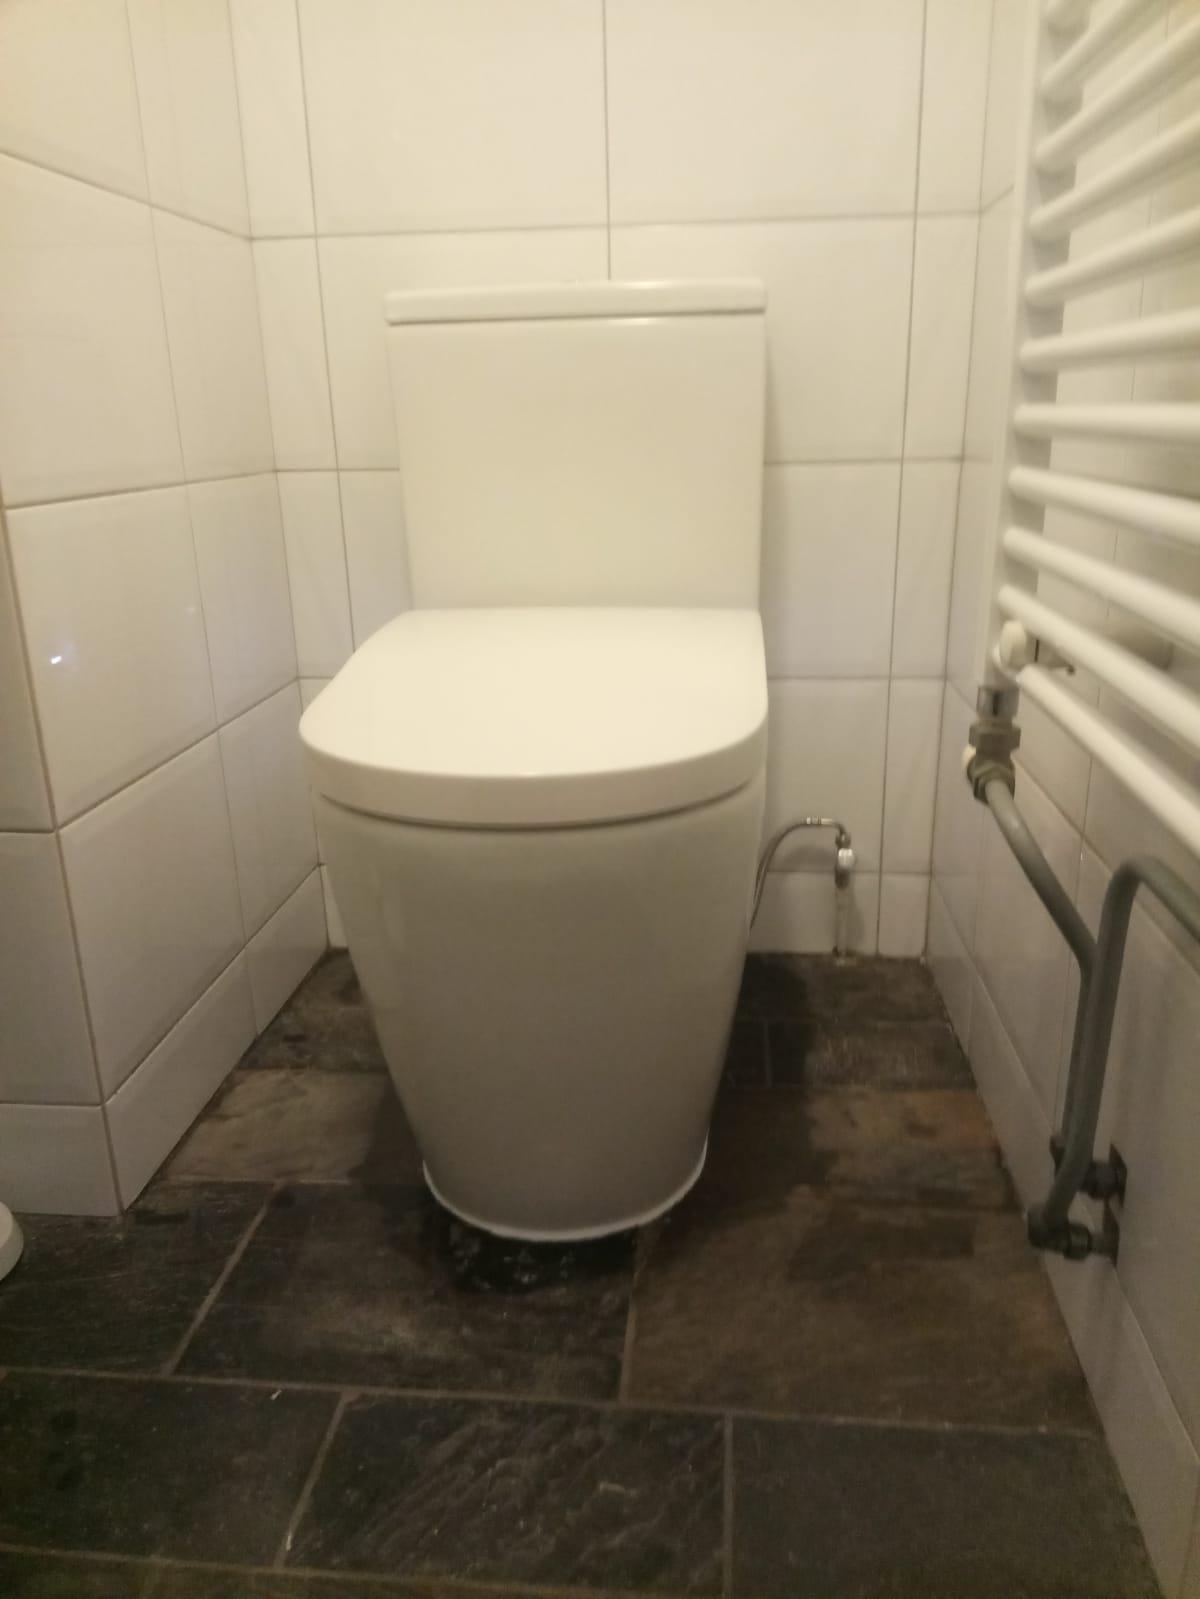 Installatie Roca In Wash staande douche wc Frissebips